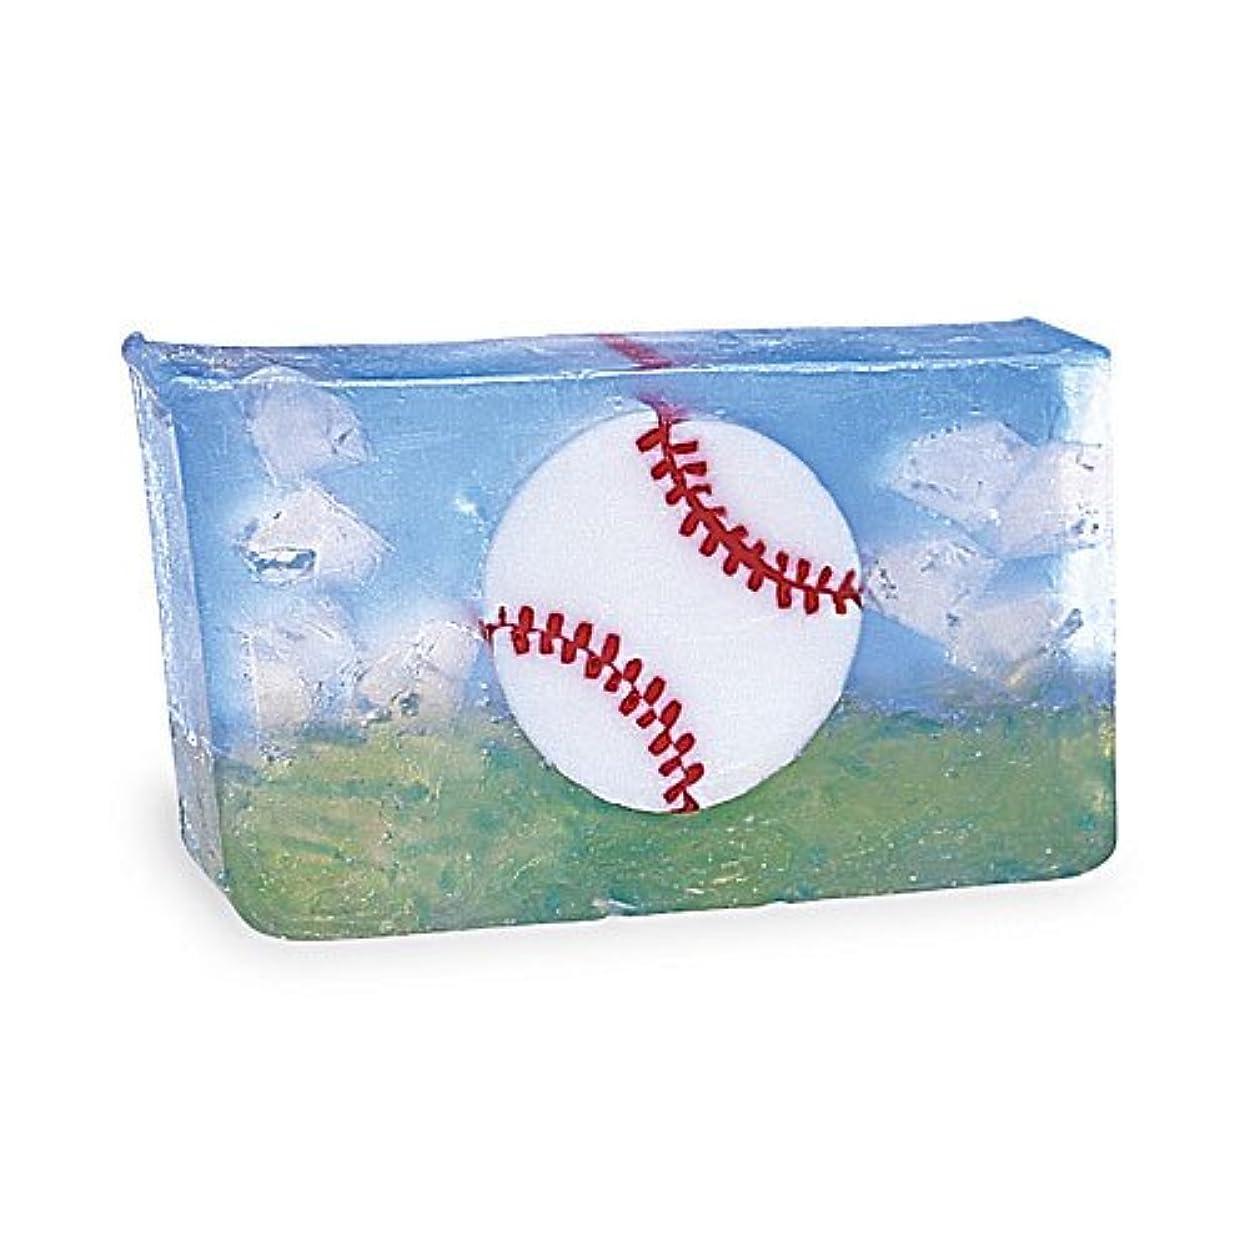 程度落胆したスクリュープライモールエレメンツ アロマティック ソープ ベースボール 180g 植物性 ナチュラル 石鹸 無添加